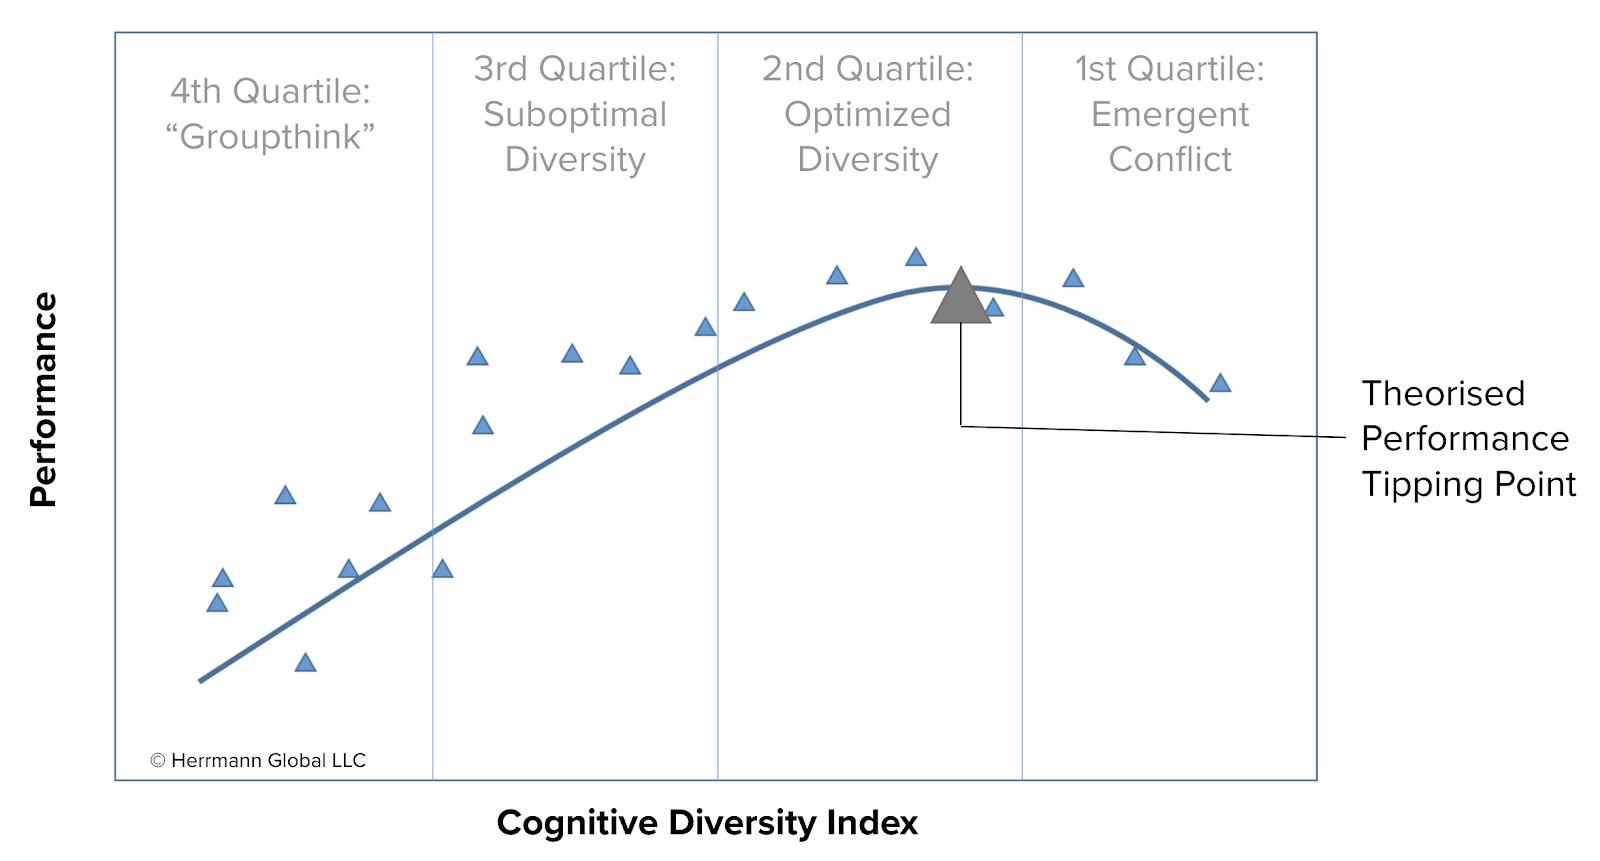 cognitive-diversity-index-curve-talent-management-trends